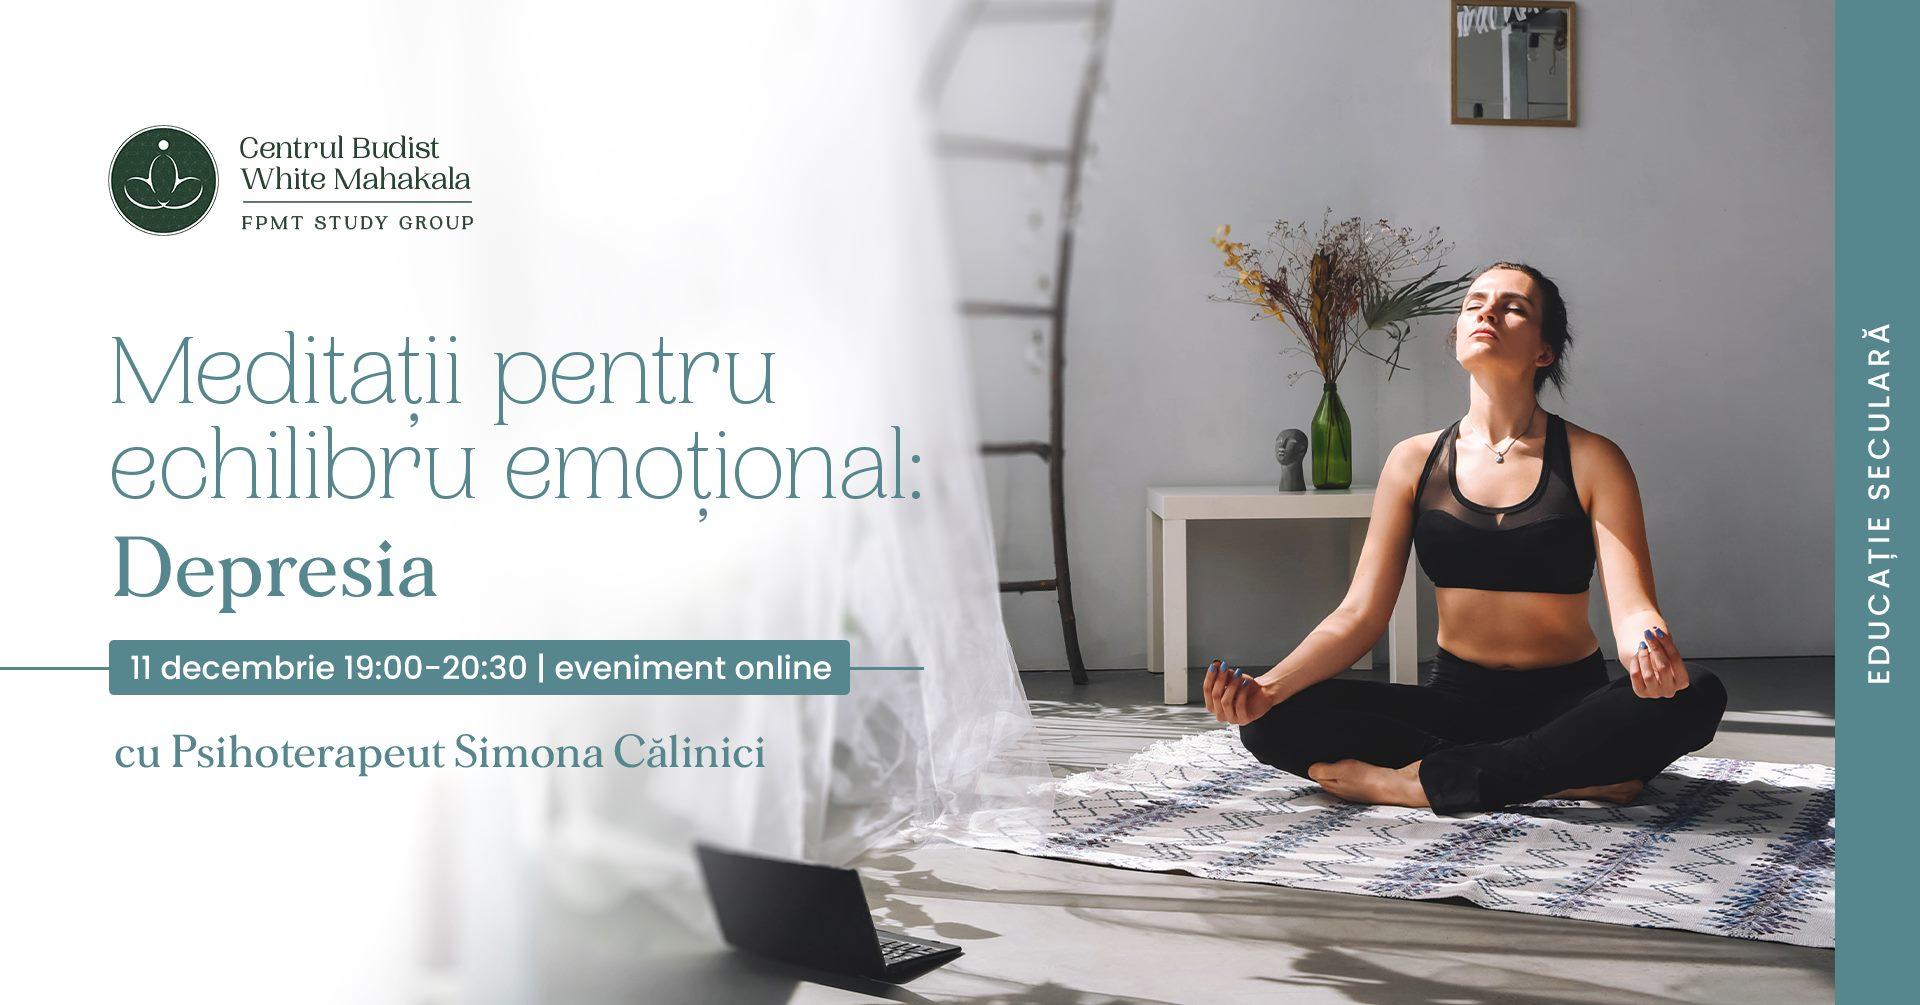 Meditatii pentru echilibru emotional